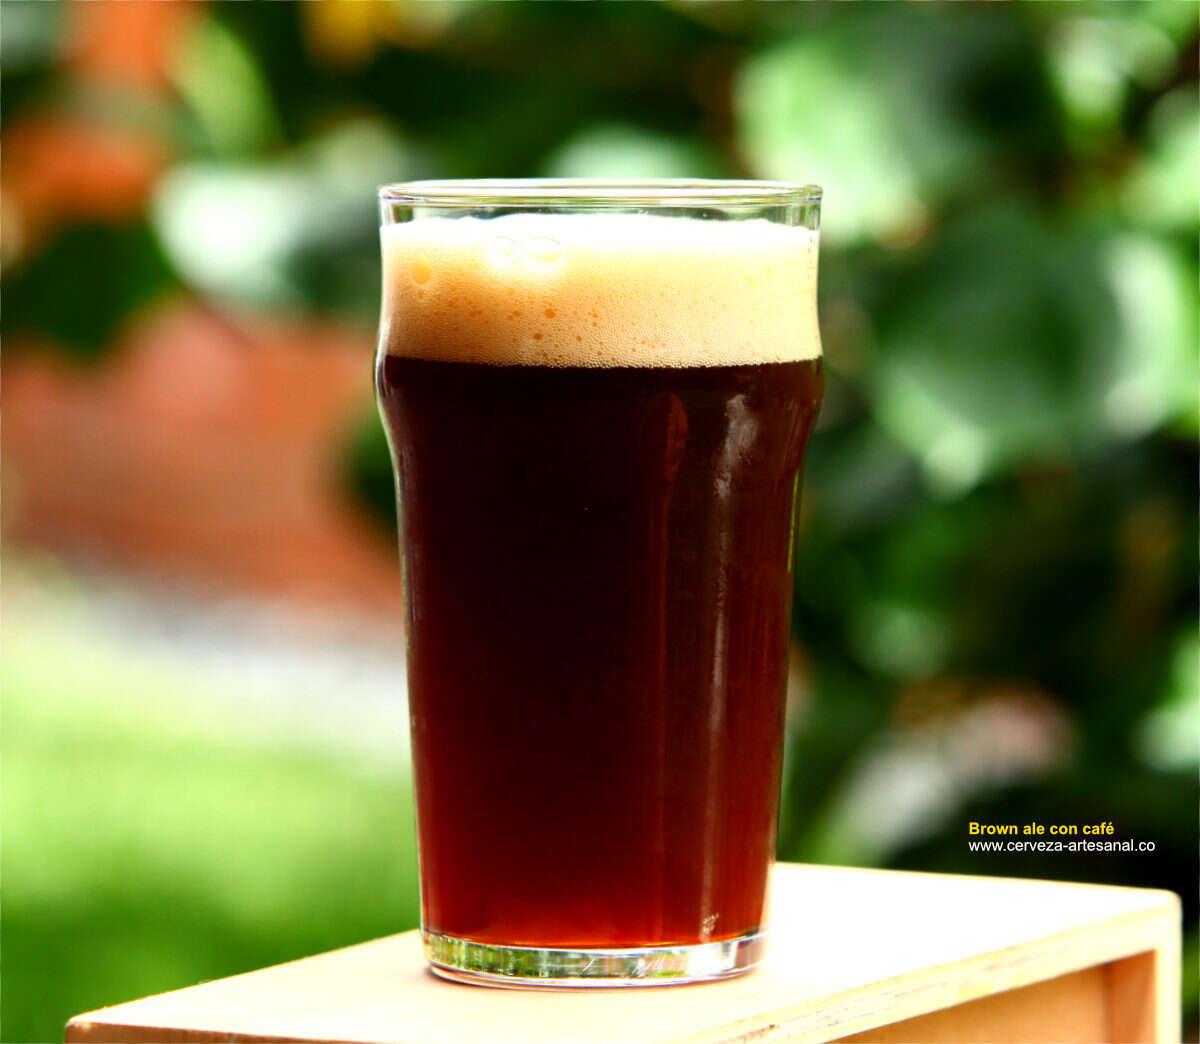 Brown ale con café